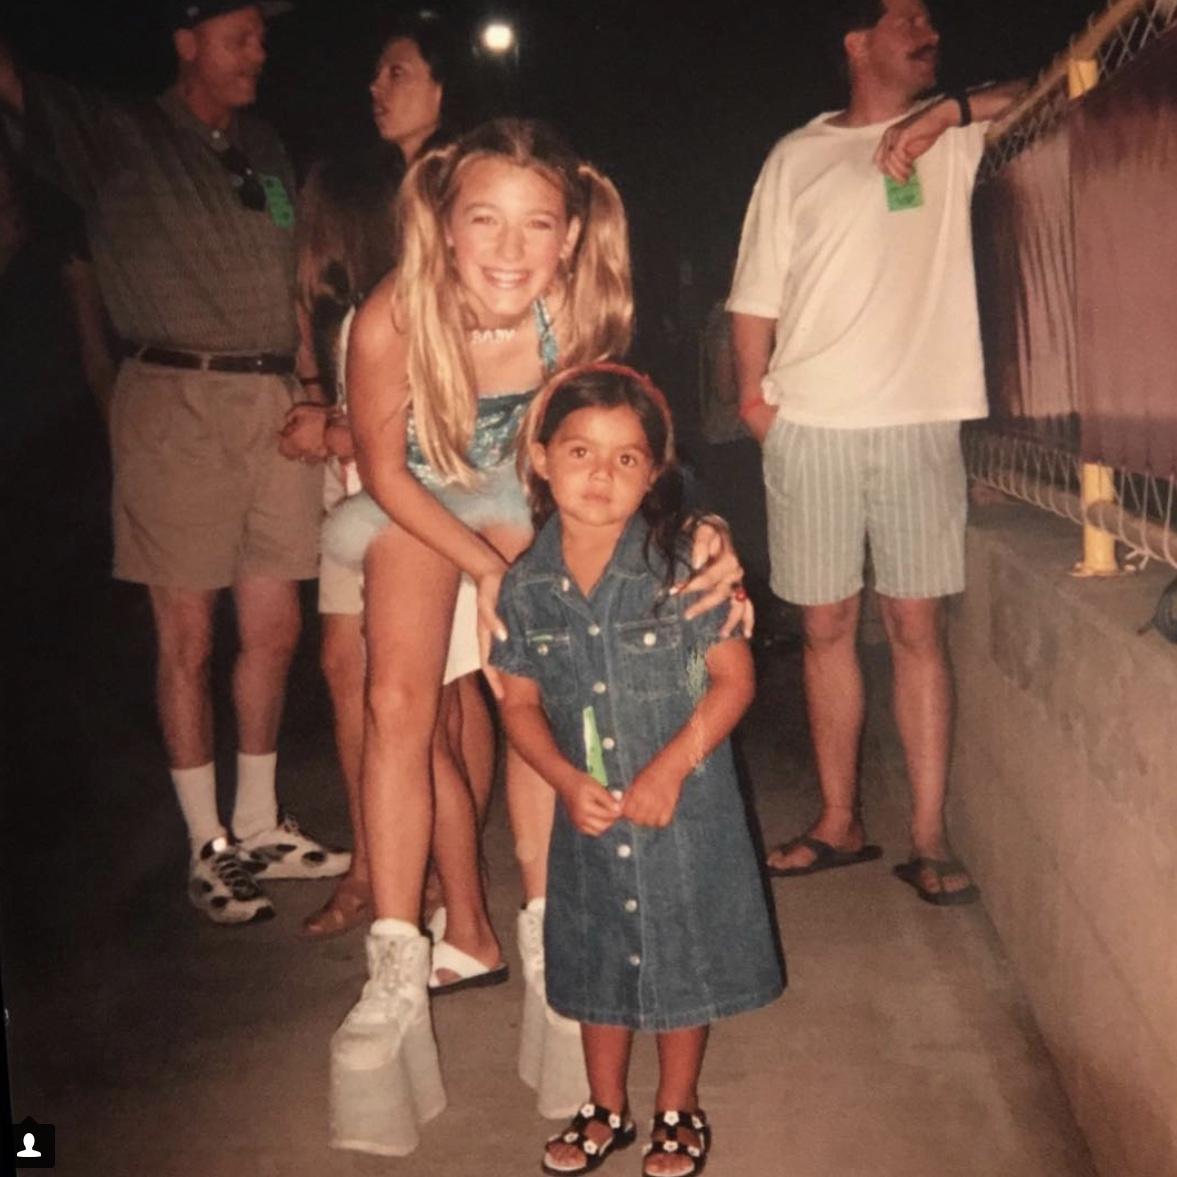 一般人の投稿で、10歳の頃の写真が流出したブレイクは、スパイス・ガールズのファンだったことが発覚!